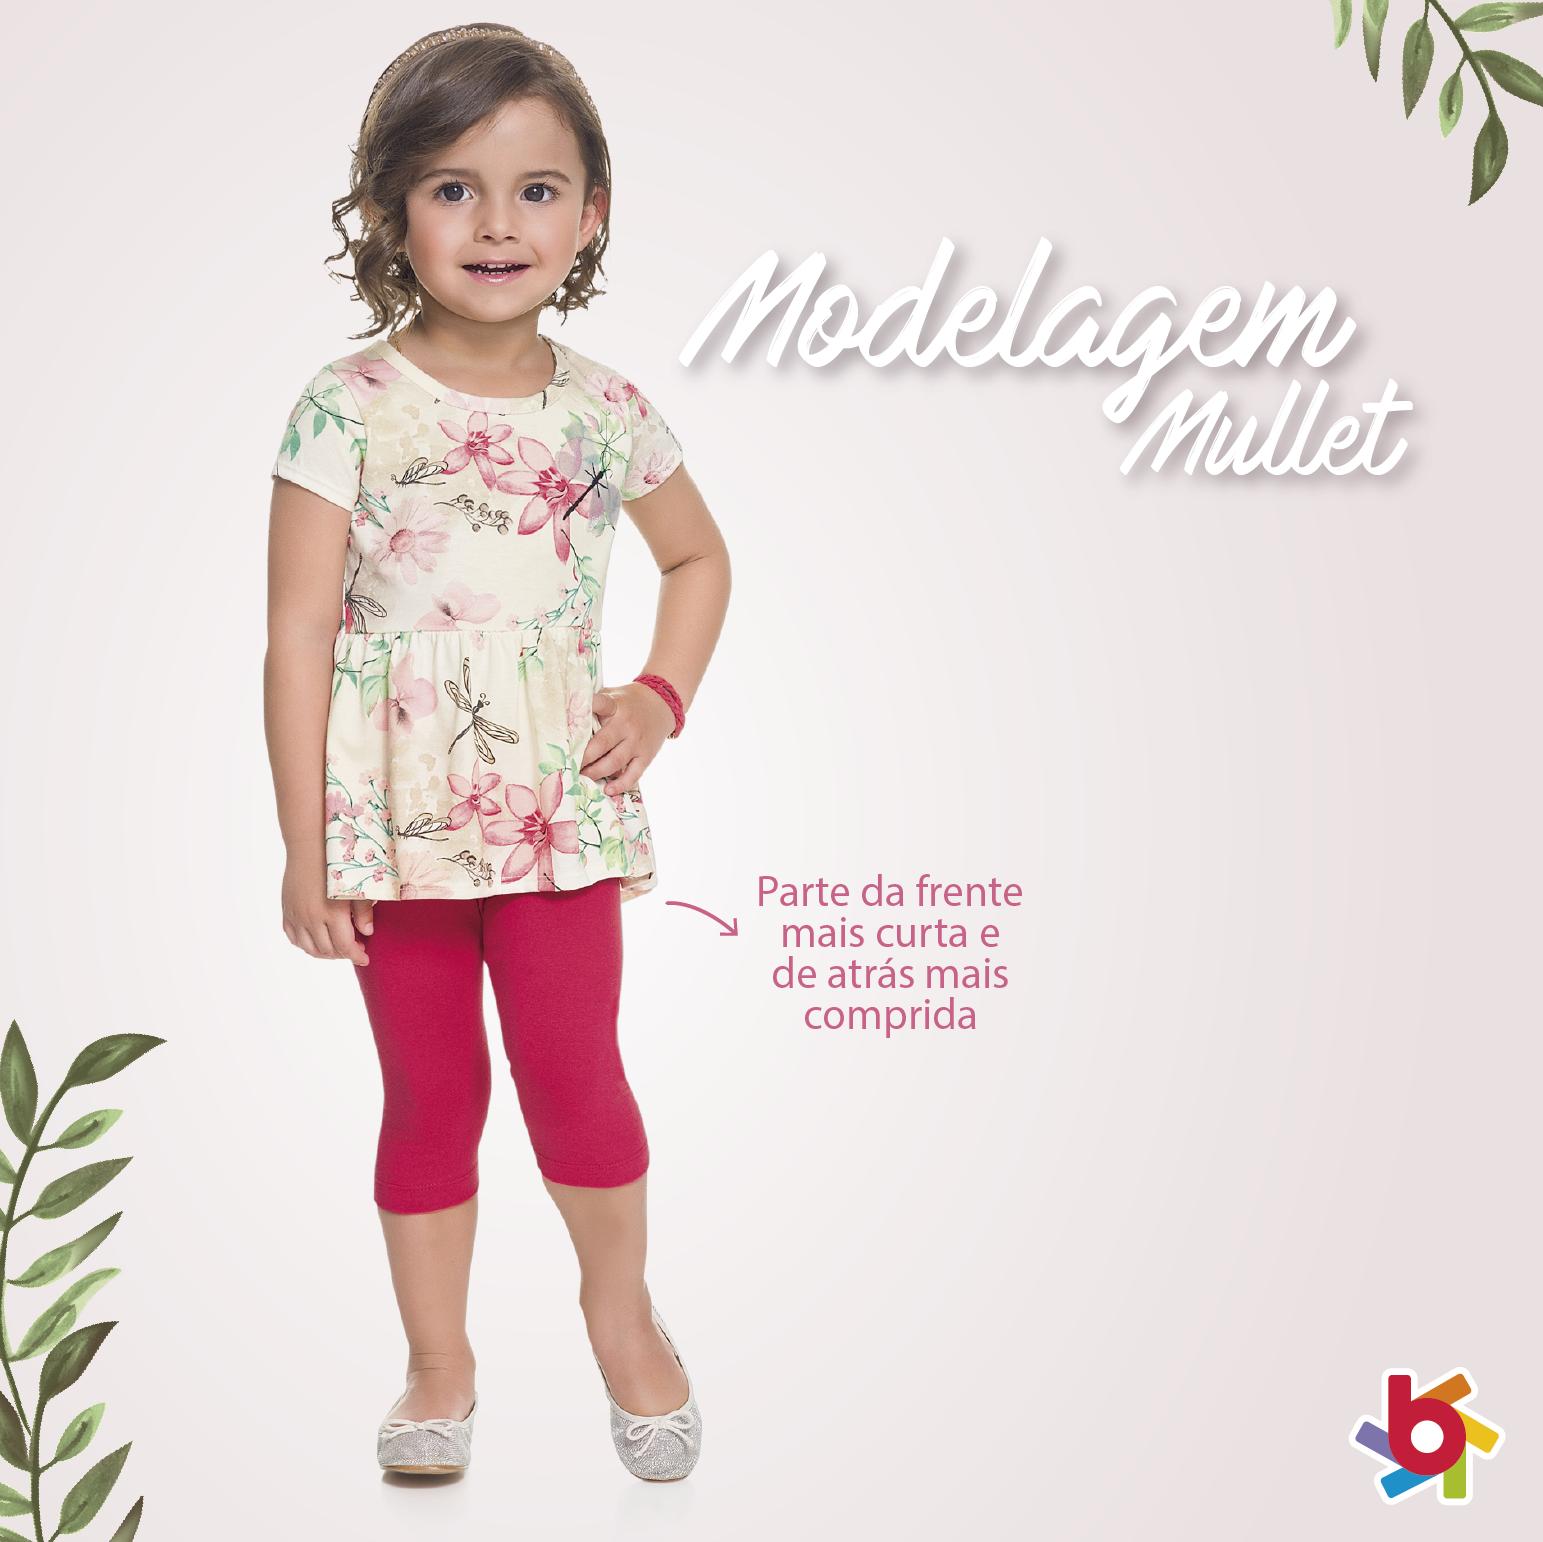 Modelagem mullet: a tendência do momento para as meninas